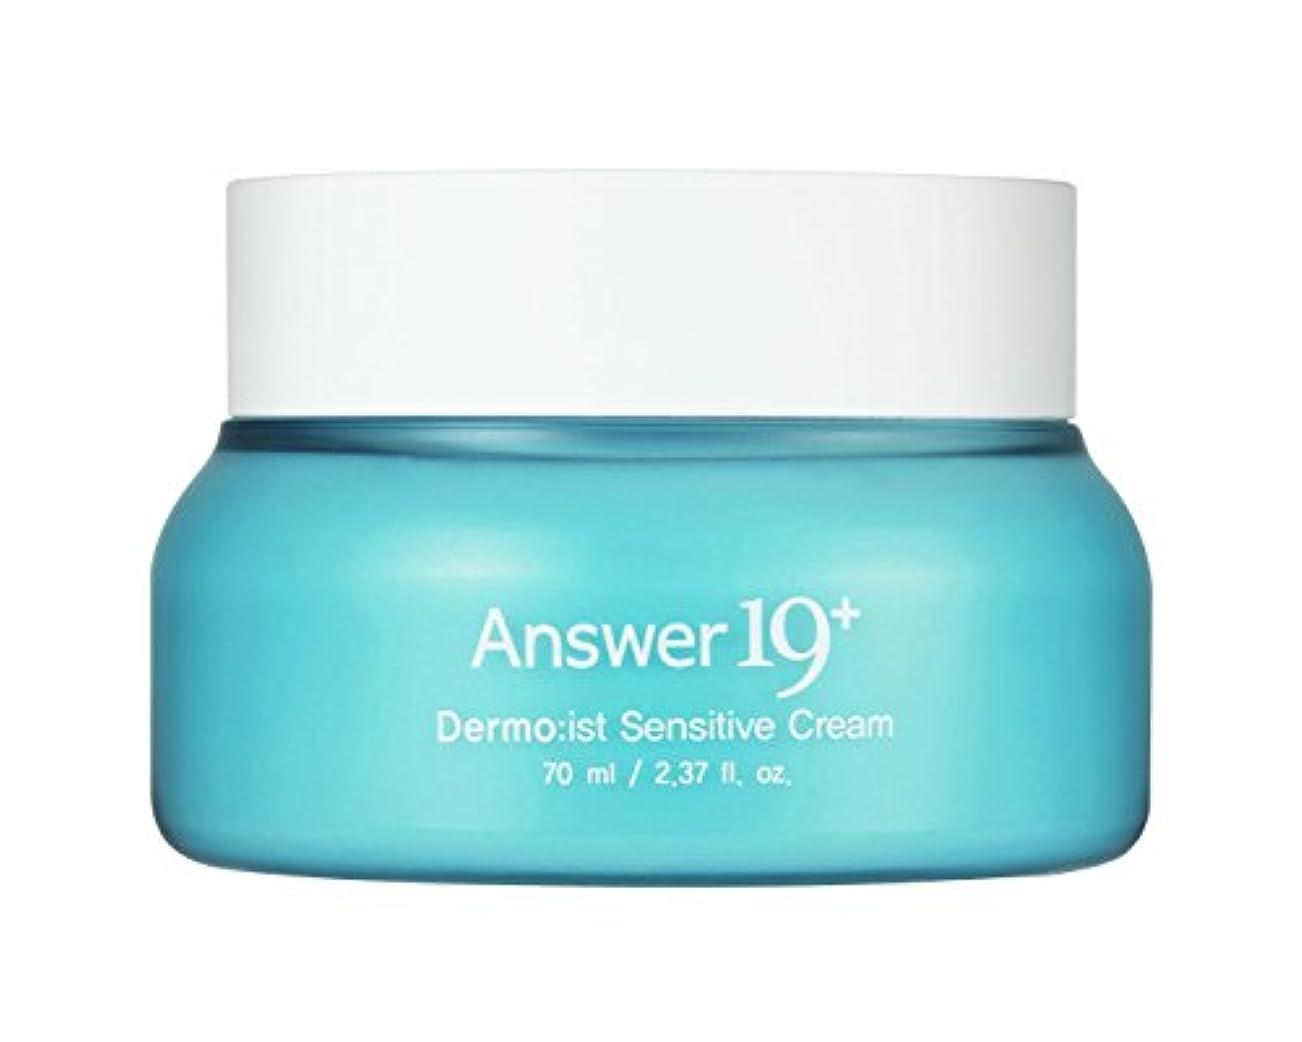 あなたは熟読シットコム[ANSWER NINETEEN +] 感受性クリーム - 敏感肌のための深いモイスチャライジング、鎮静効果。 天然スーパーフード成分、パンテノール(ビタミンB5)、ベータグルカン、ヒアルロン酸、70ml